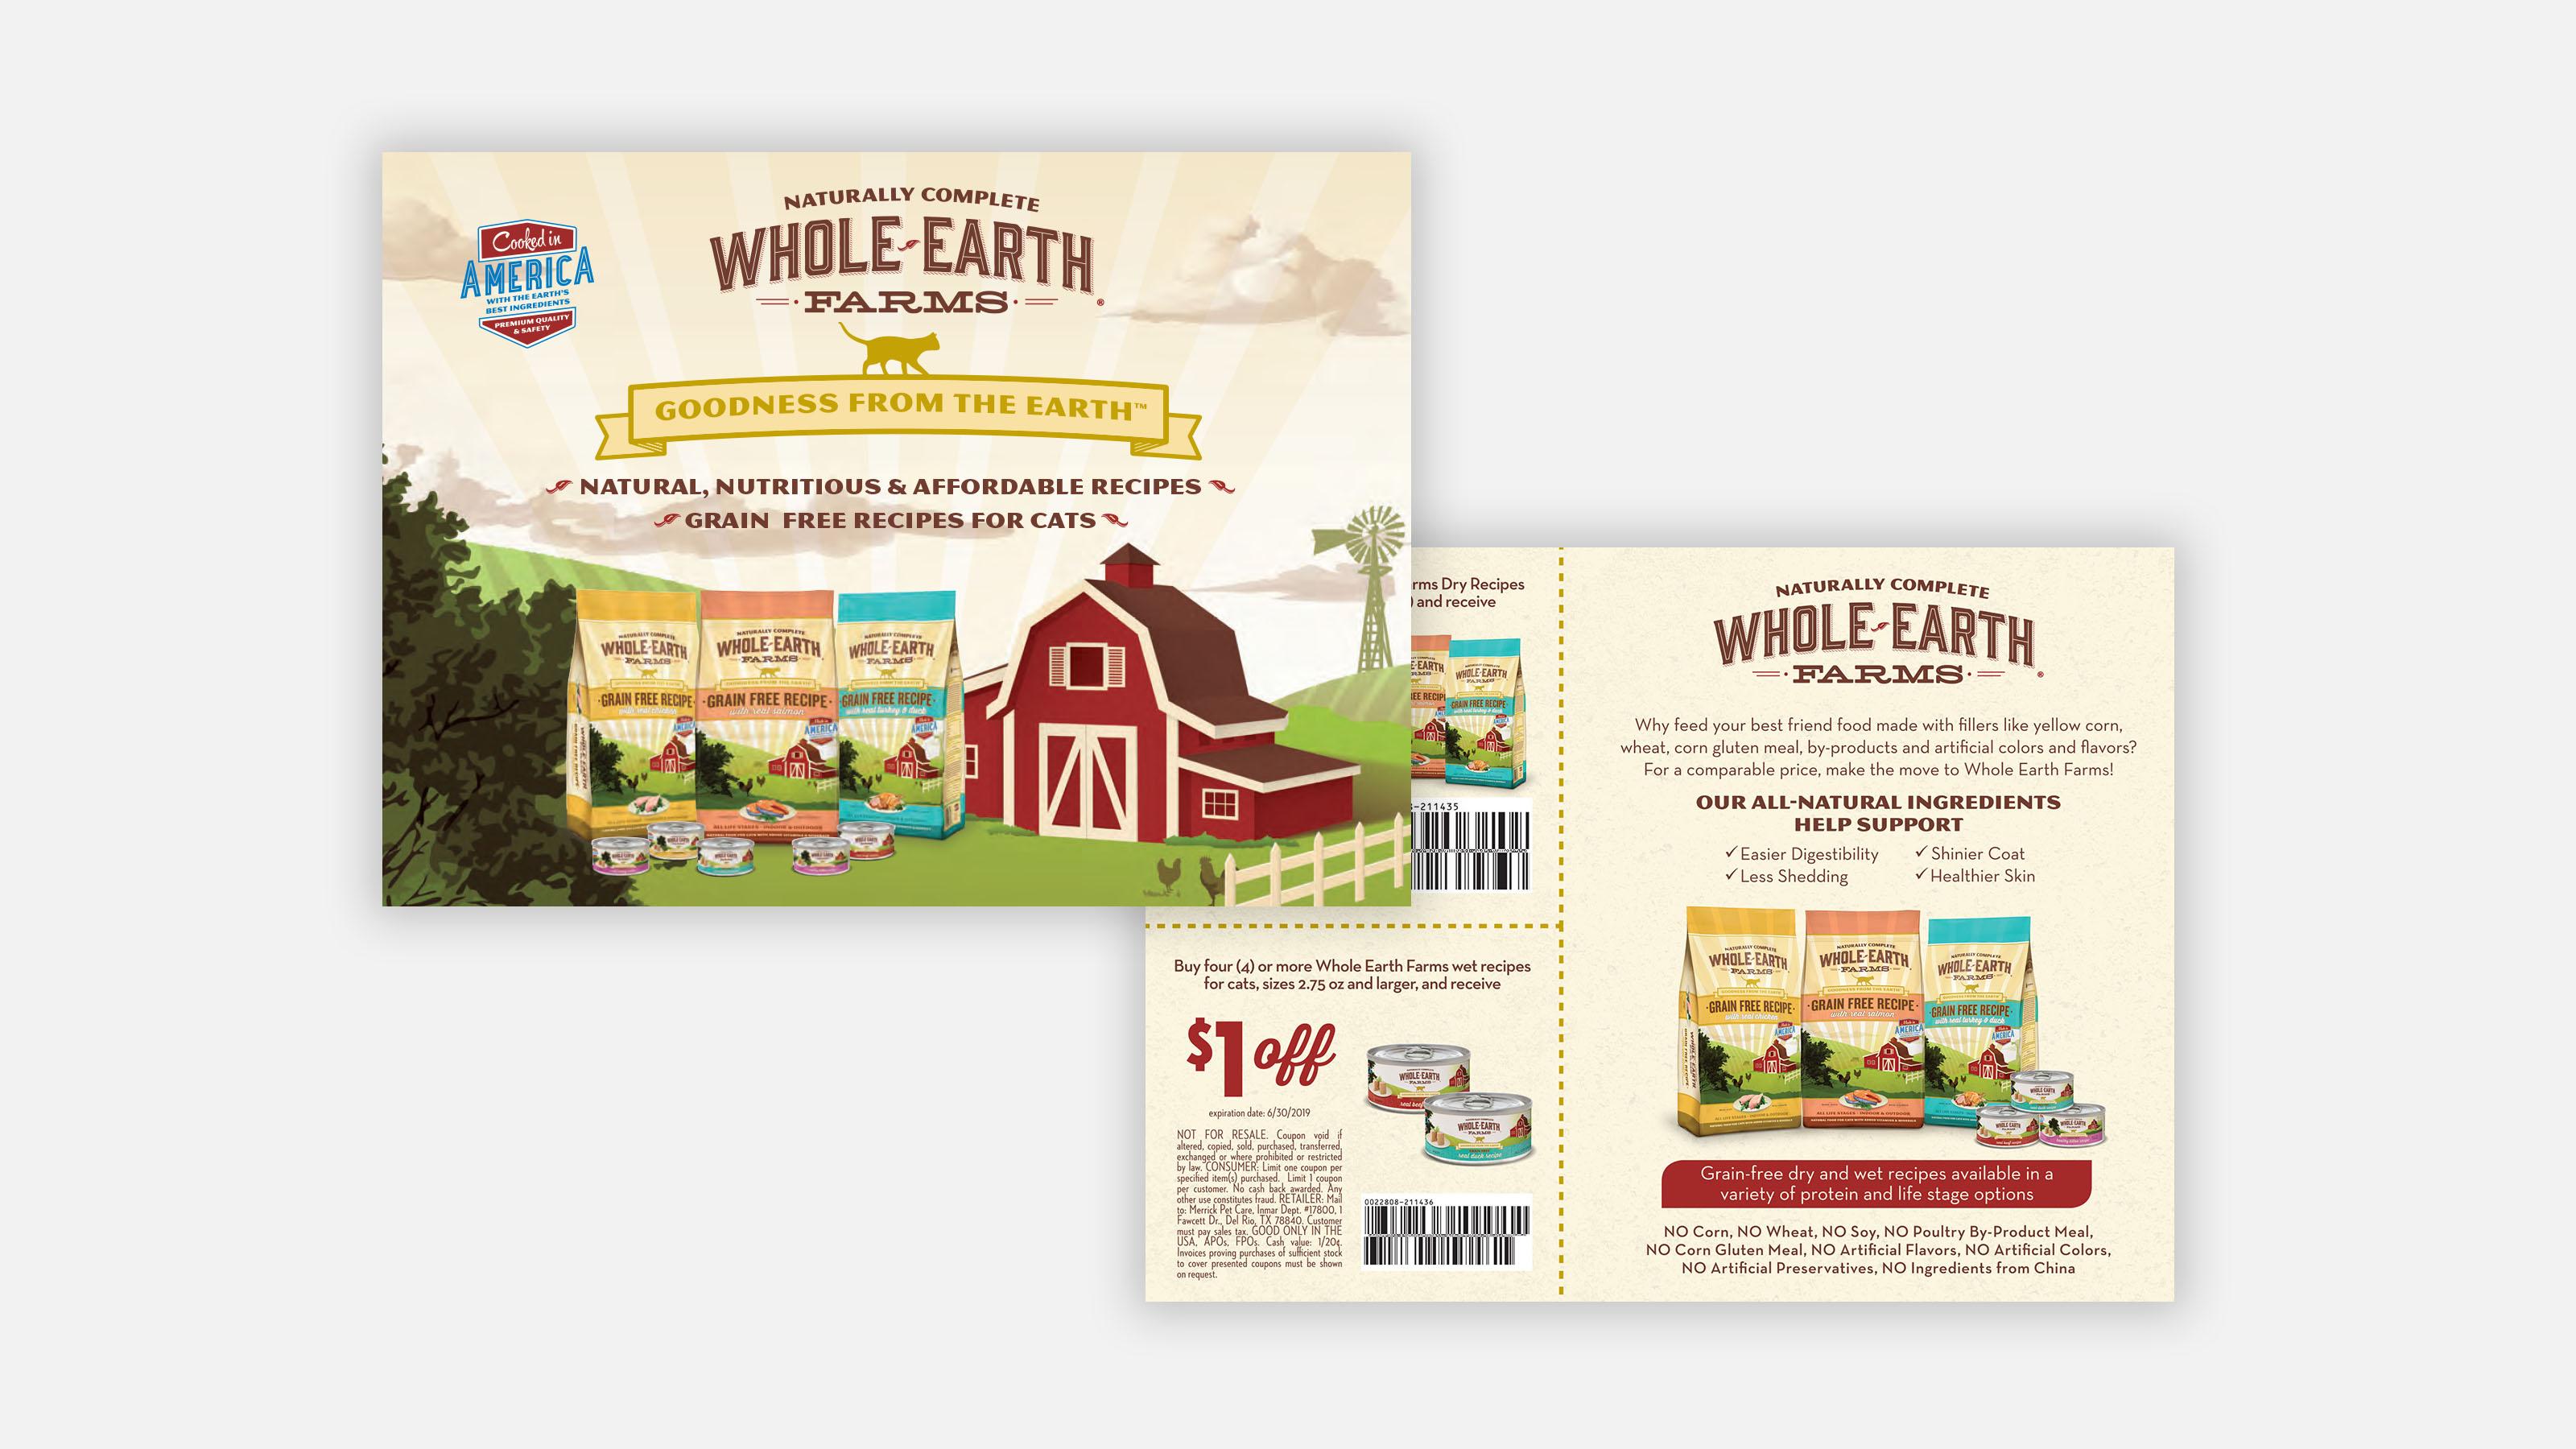 Merrick pet care marketing postcard with coupon